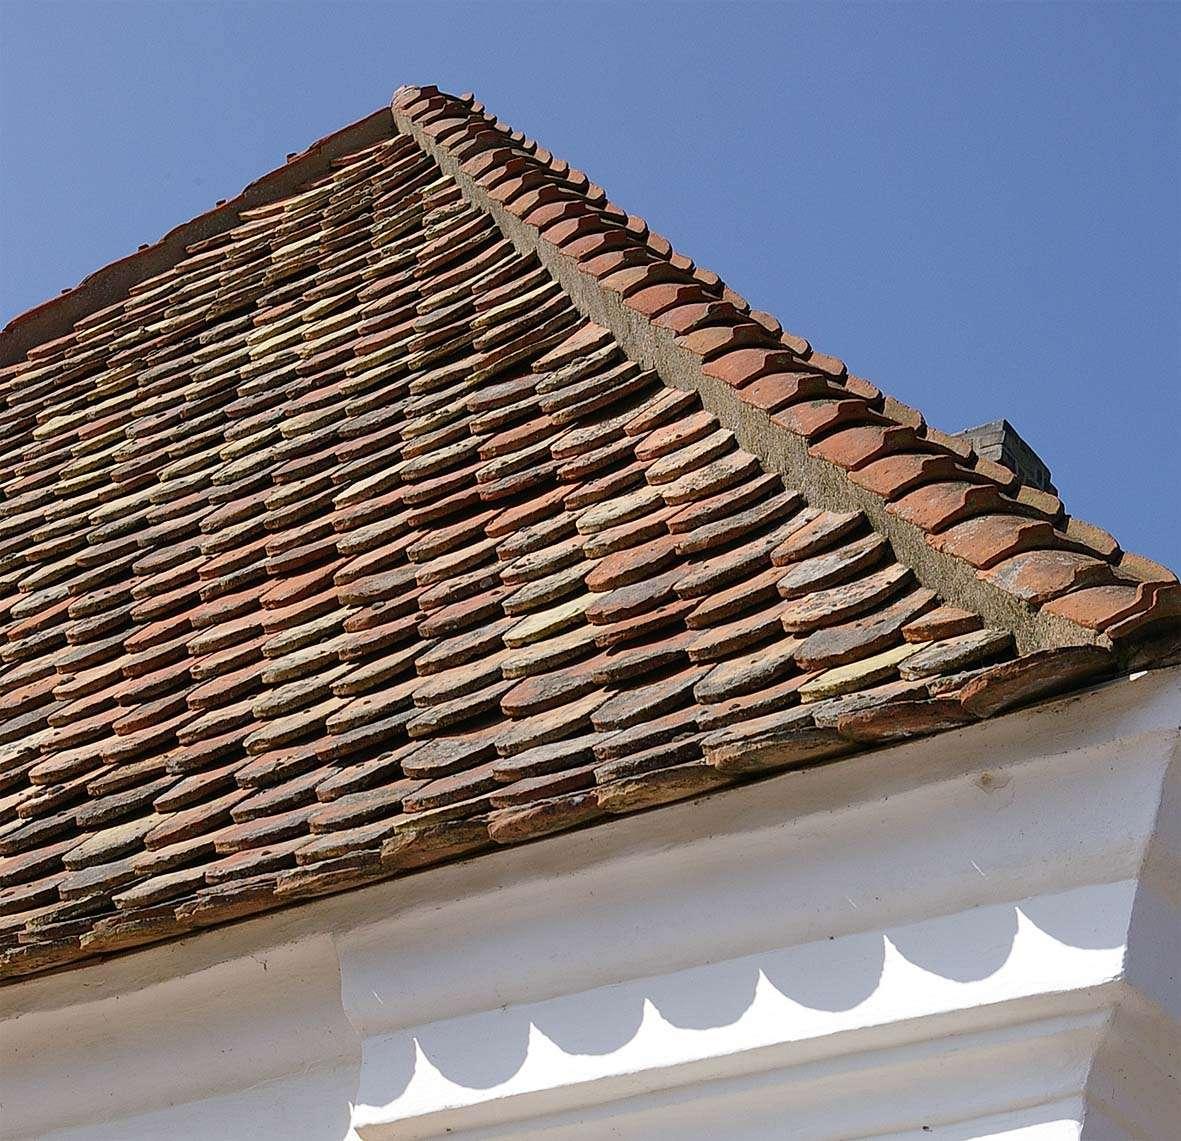 La tuile plate est un type de tuile conçu pour les toits à 45°. © Sven Rosborn, CC BY-SA 3.0, Wikimedia Commons